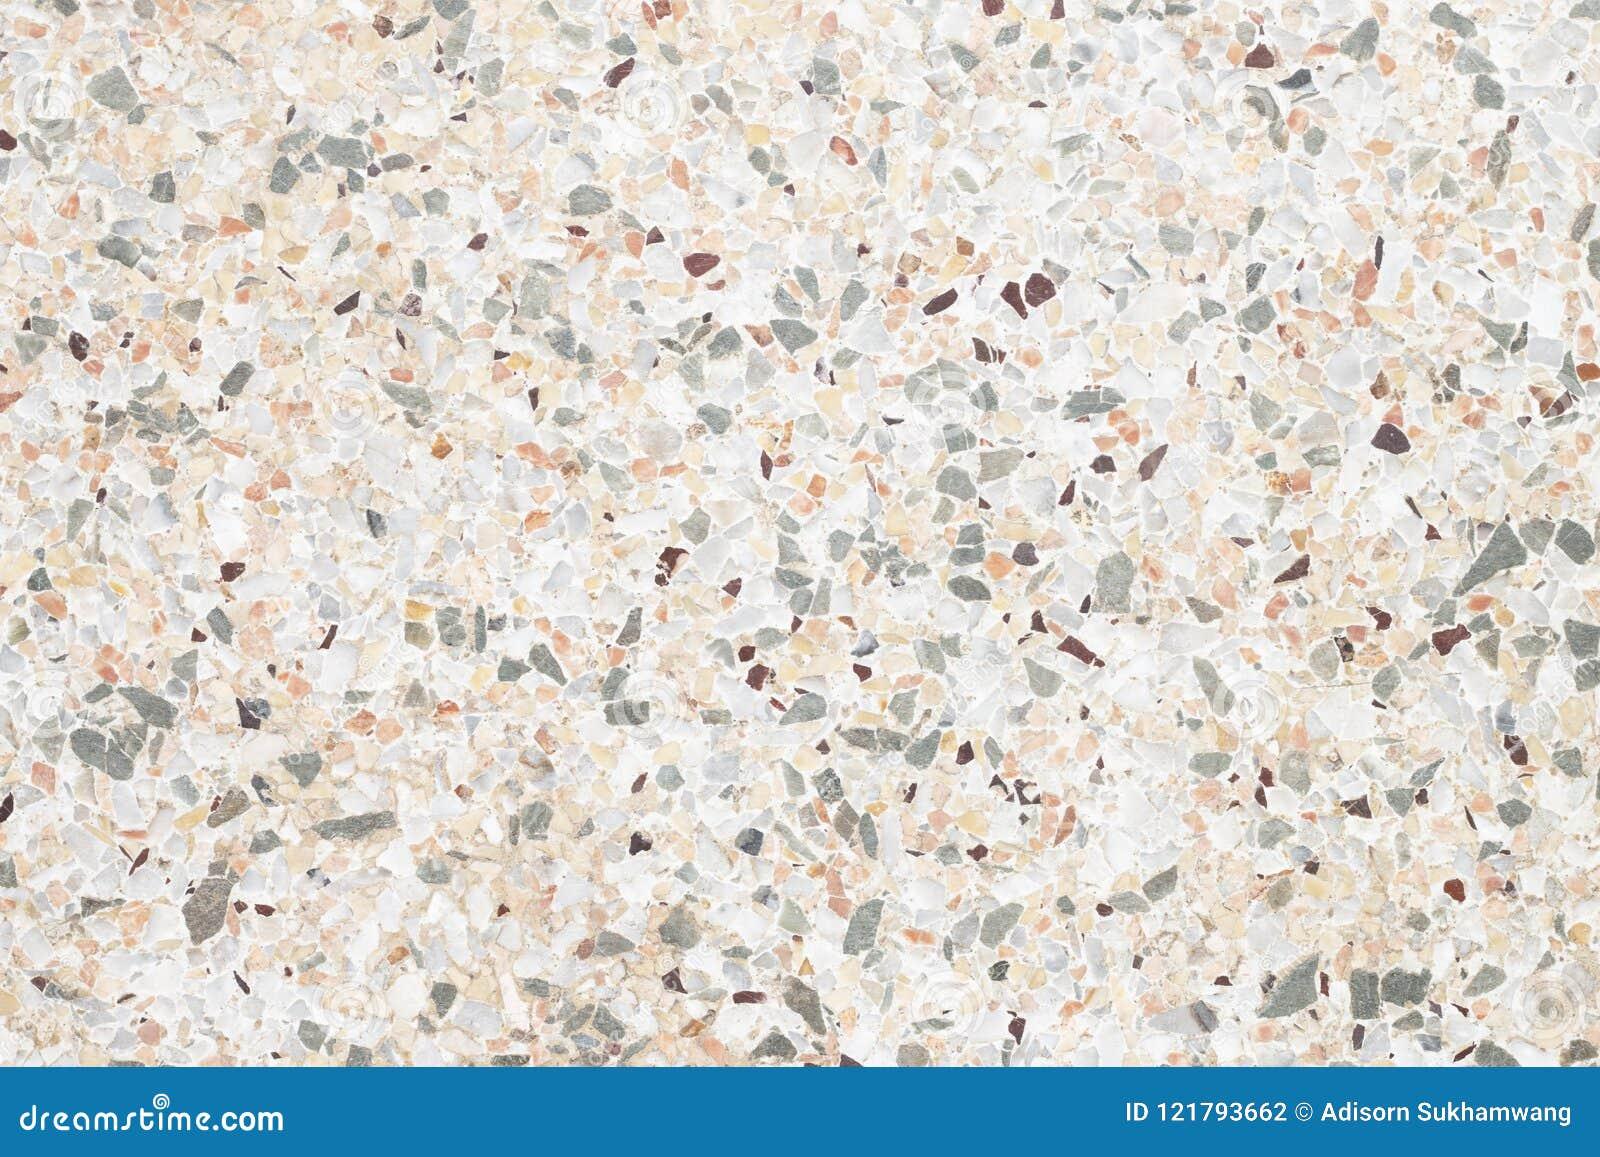 Immagine di sfondo del pavimento grigio di terrazzo